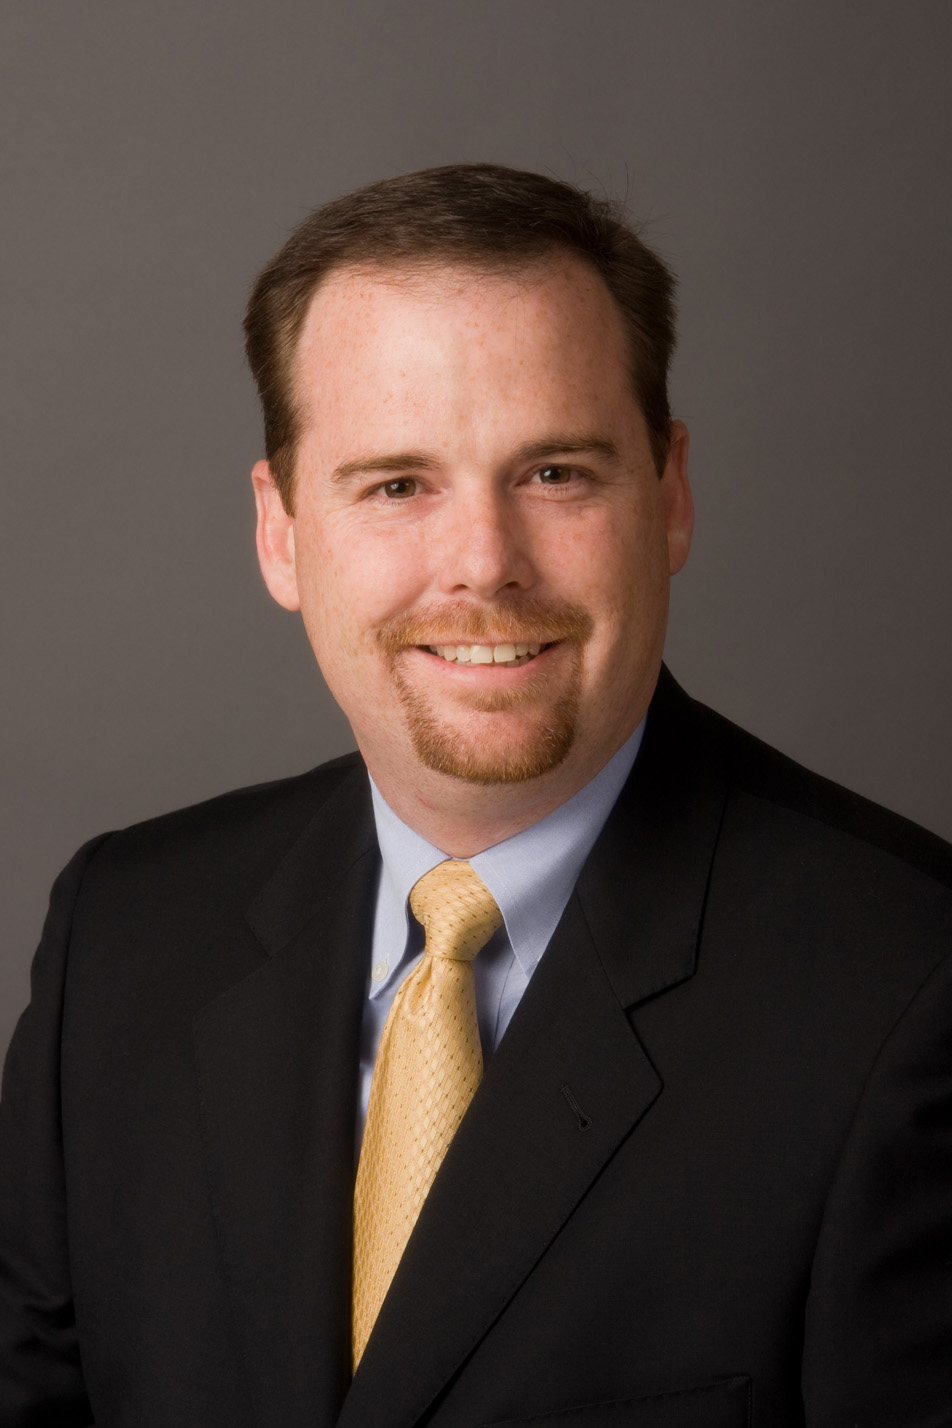 David R. Hayes